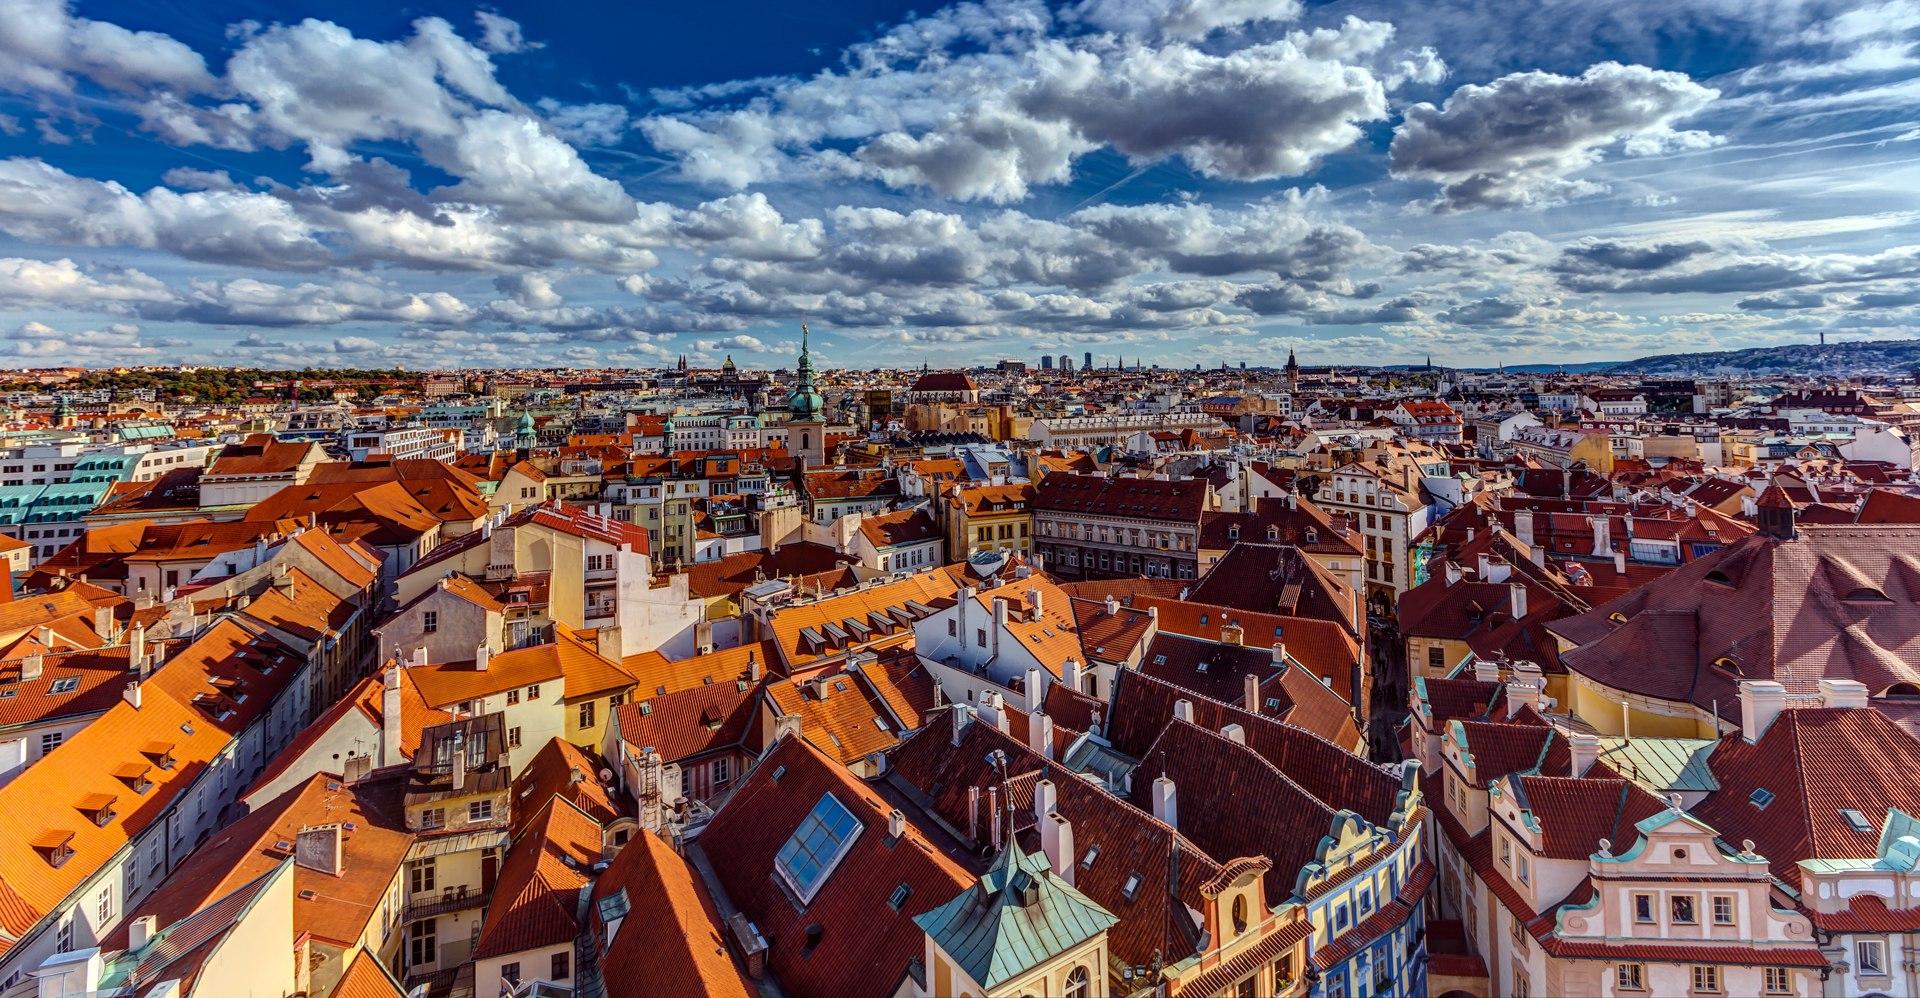 Чехия, Прага на 3 ночи для обладателей Шенгенских виз! 11550 руб. с человека!!!